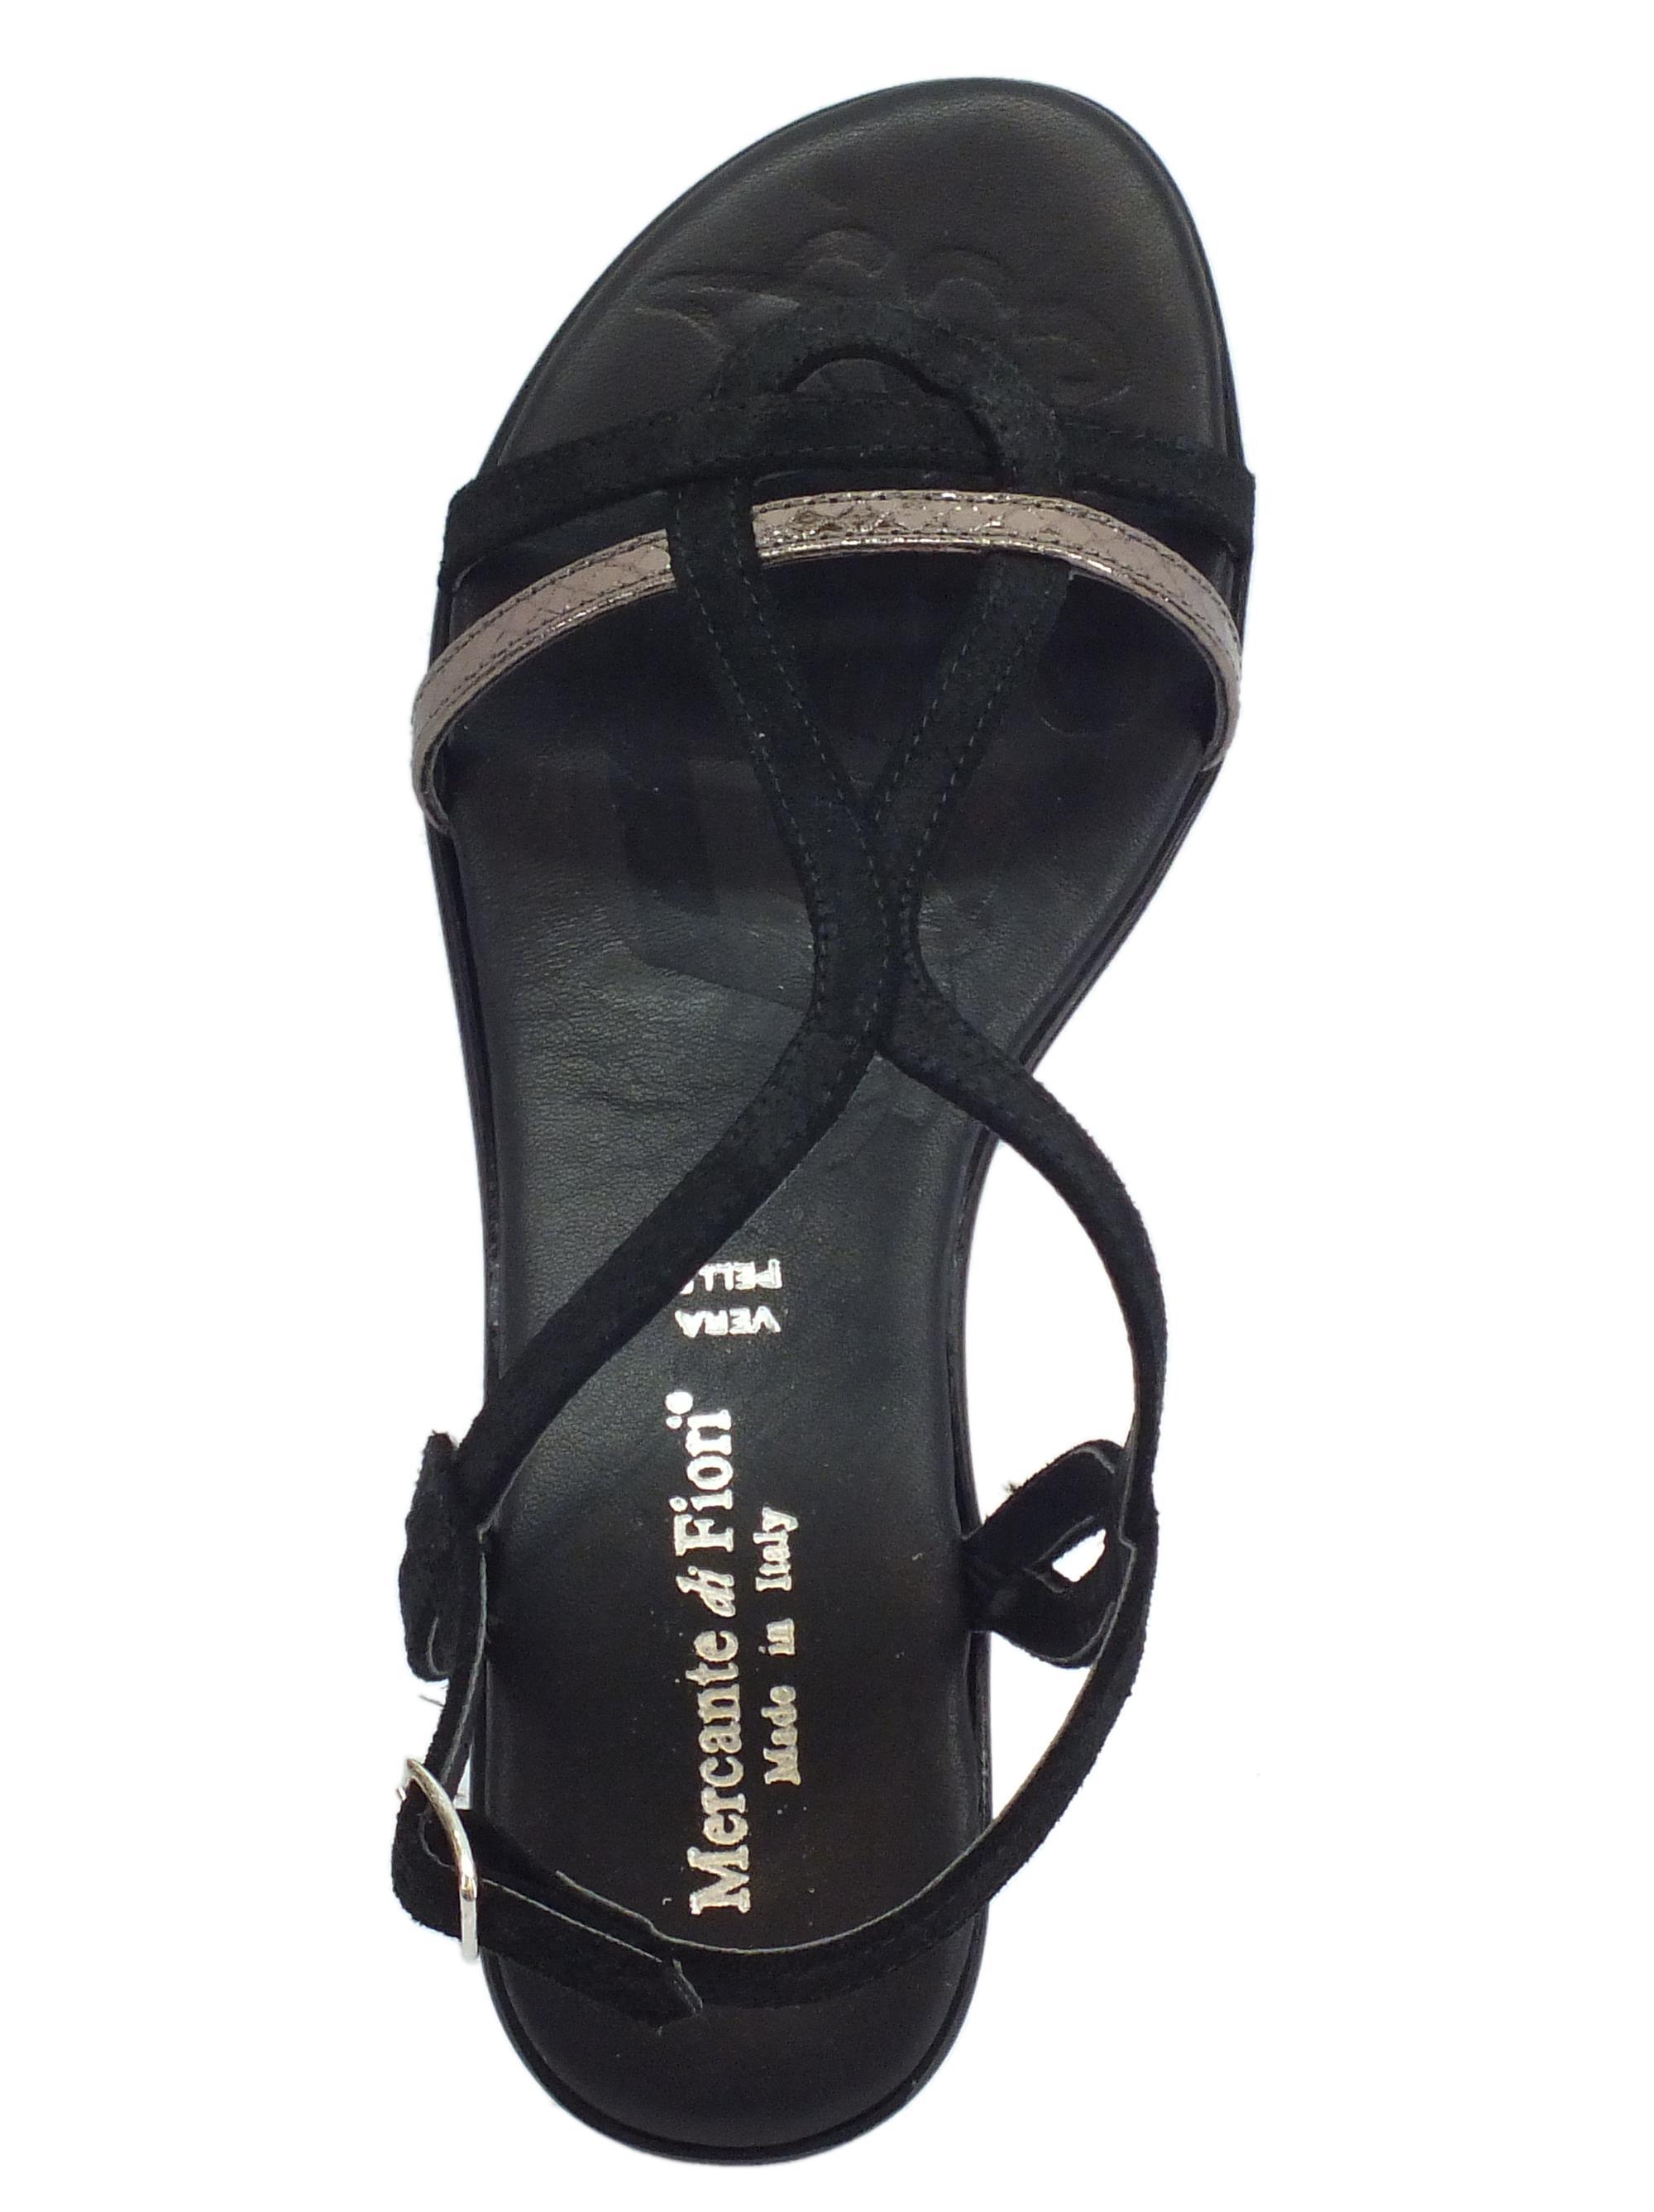 ... Sandali Mercante di Fiori in camoscio e pelle laminata nera tacco basso fcd538fcff9